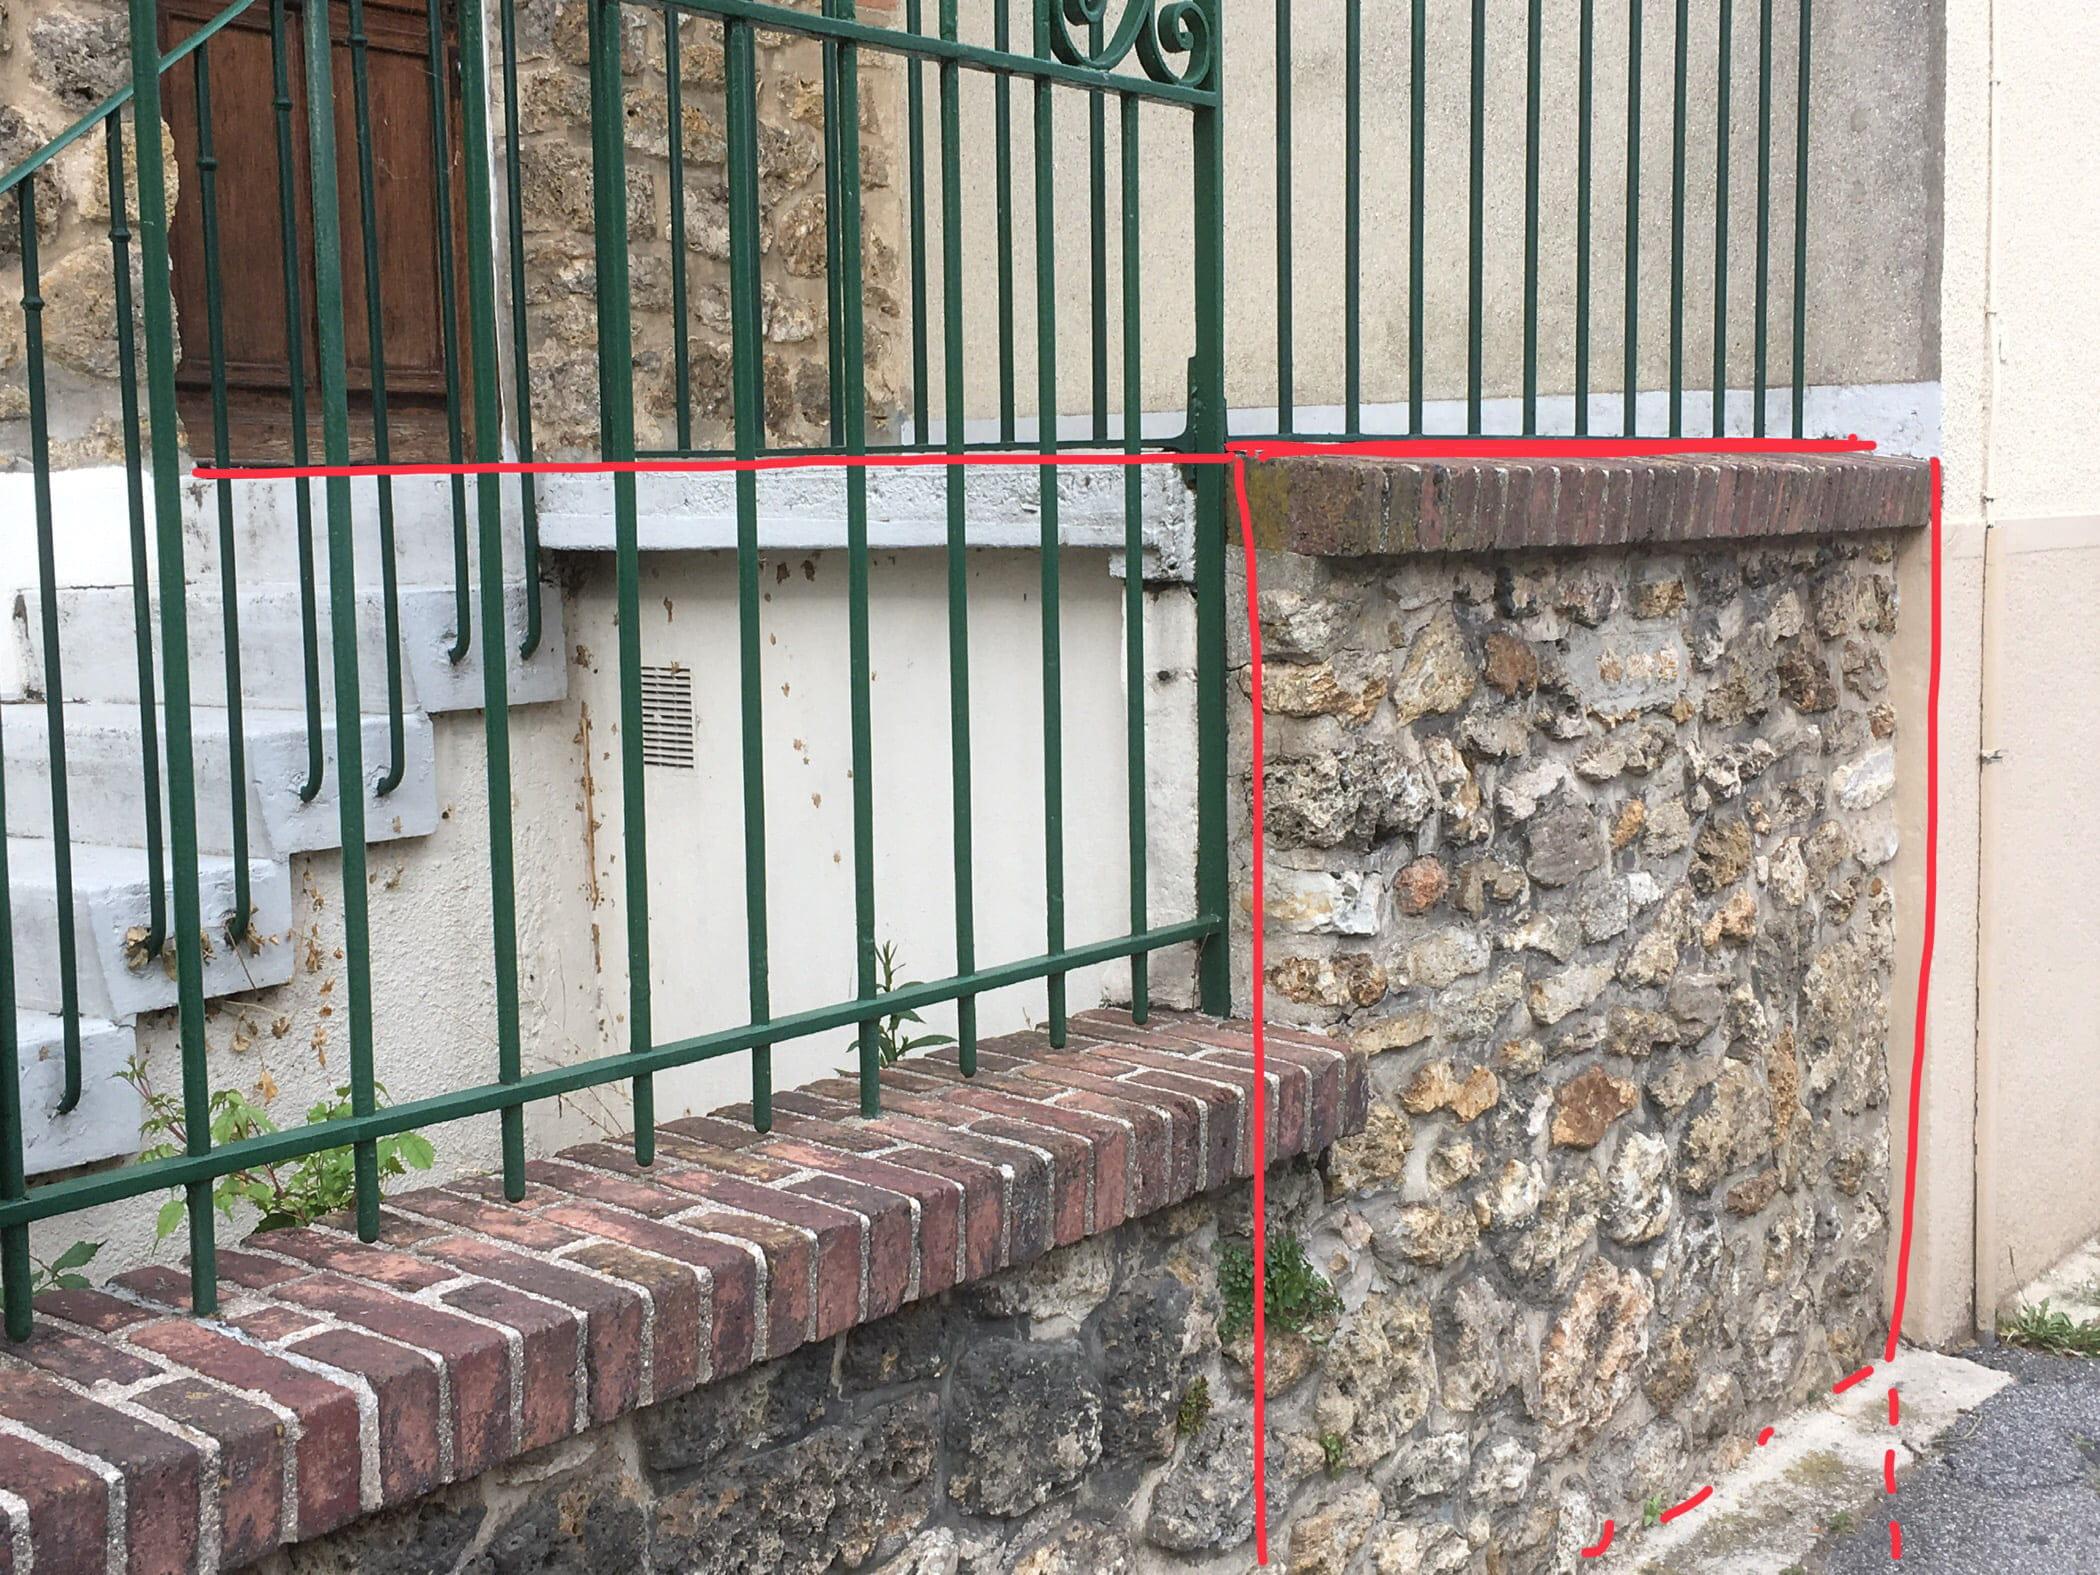 Ventilation Sous Sol Semi Enterré isolation petite pièce semi-enterrée + humidité - forum